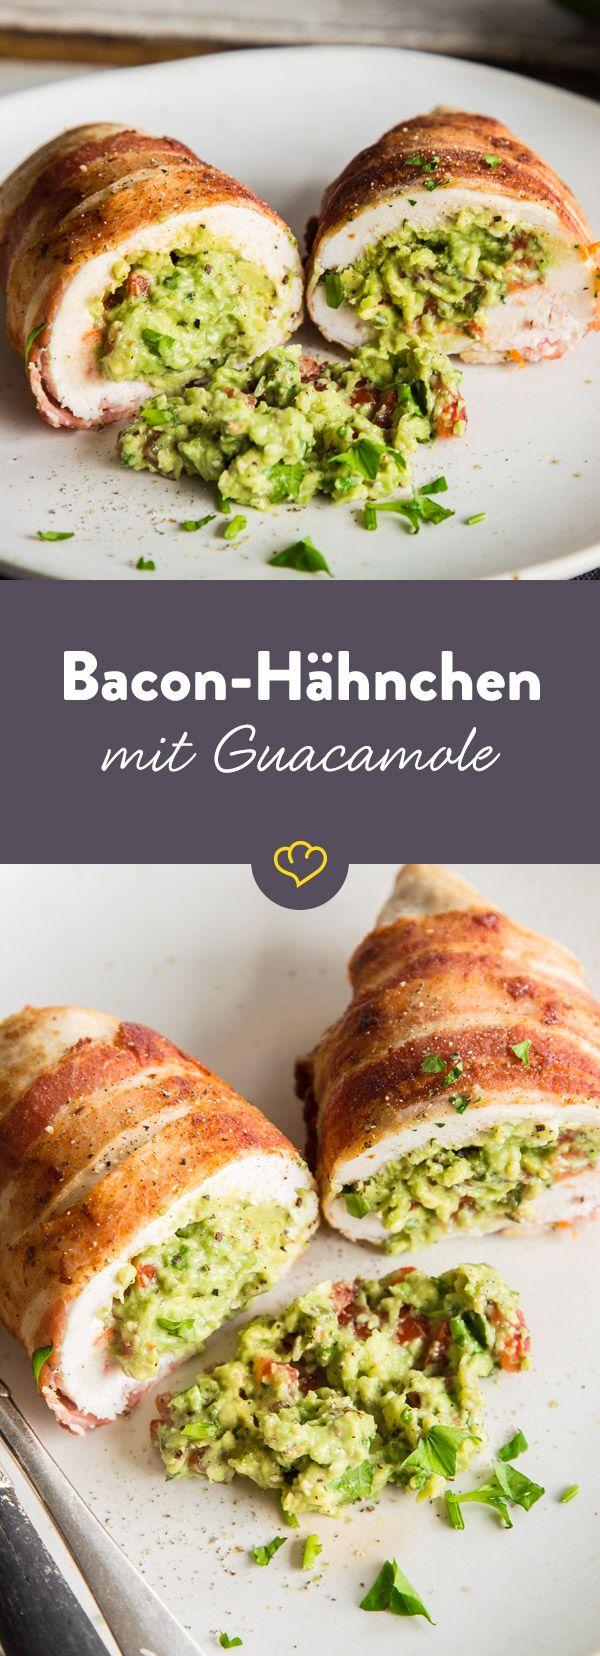 Saftiges Bacon-Hähnchen mit Guacamole-Füllung | Rezept ...